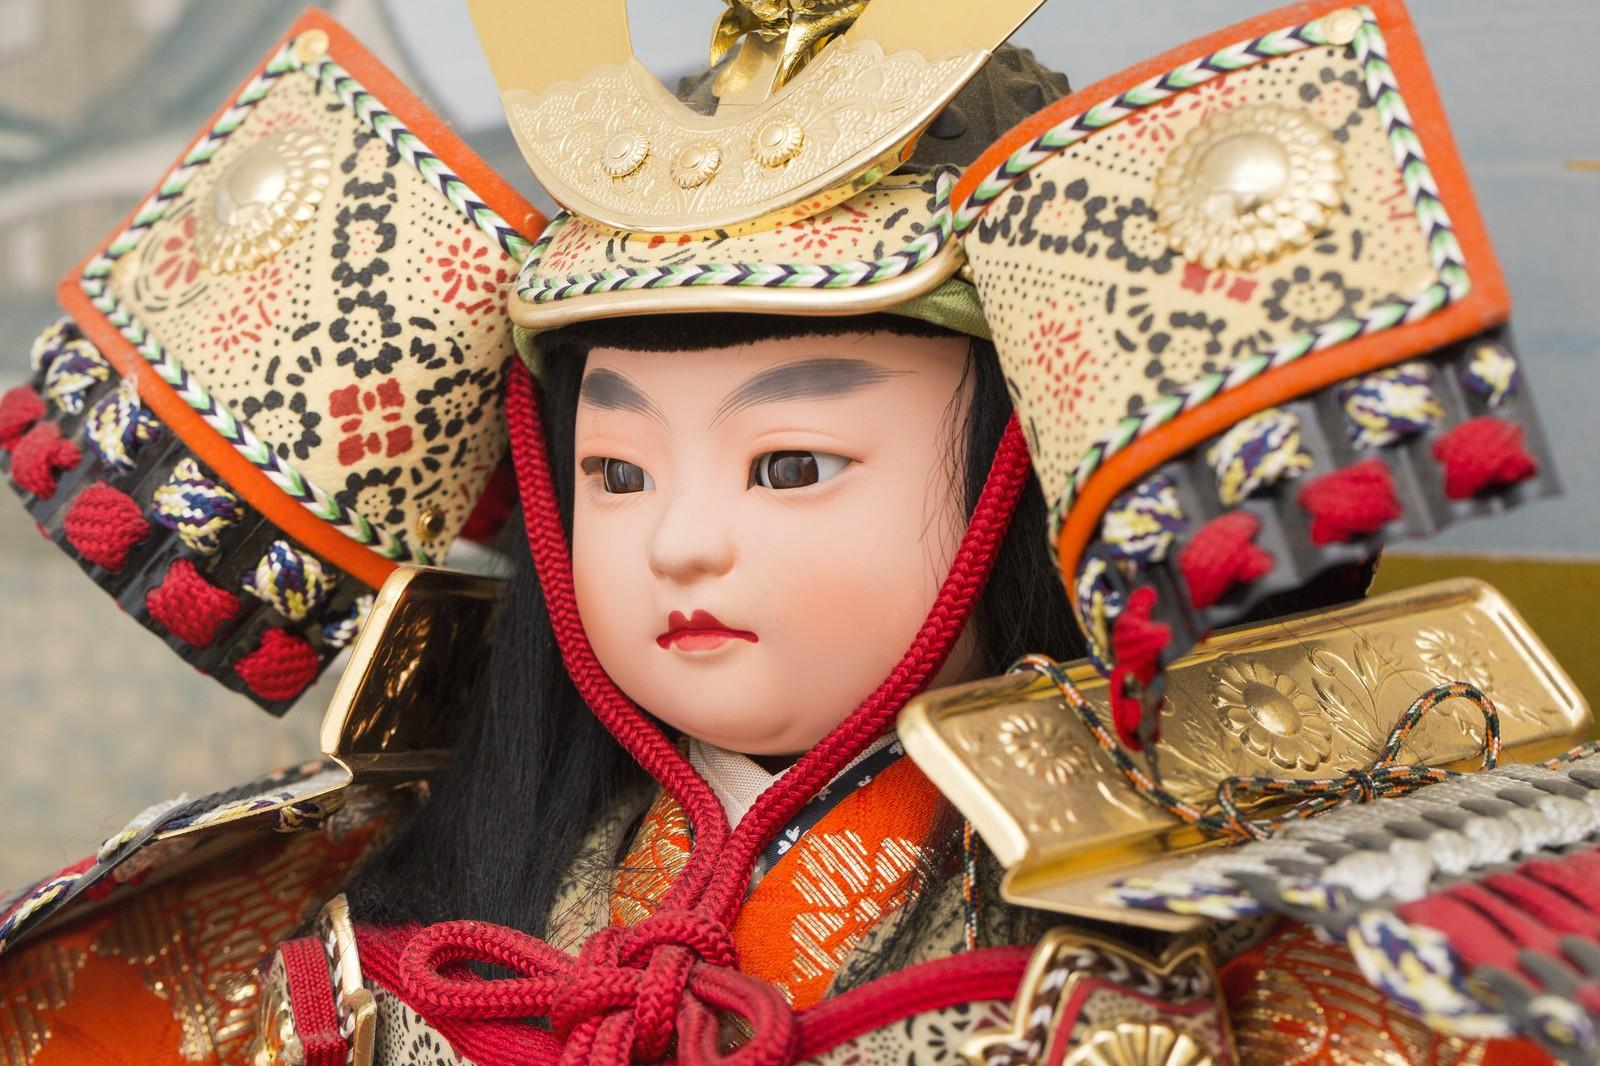 五月人形(兜・甲胄・武者人形)は誰が買う?相場は?人気商品は?